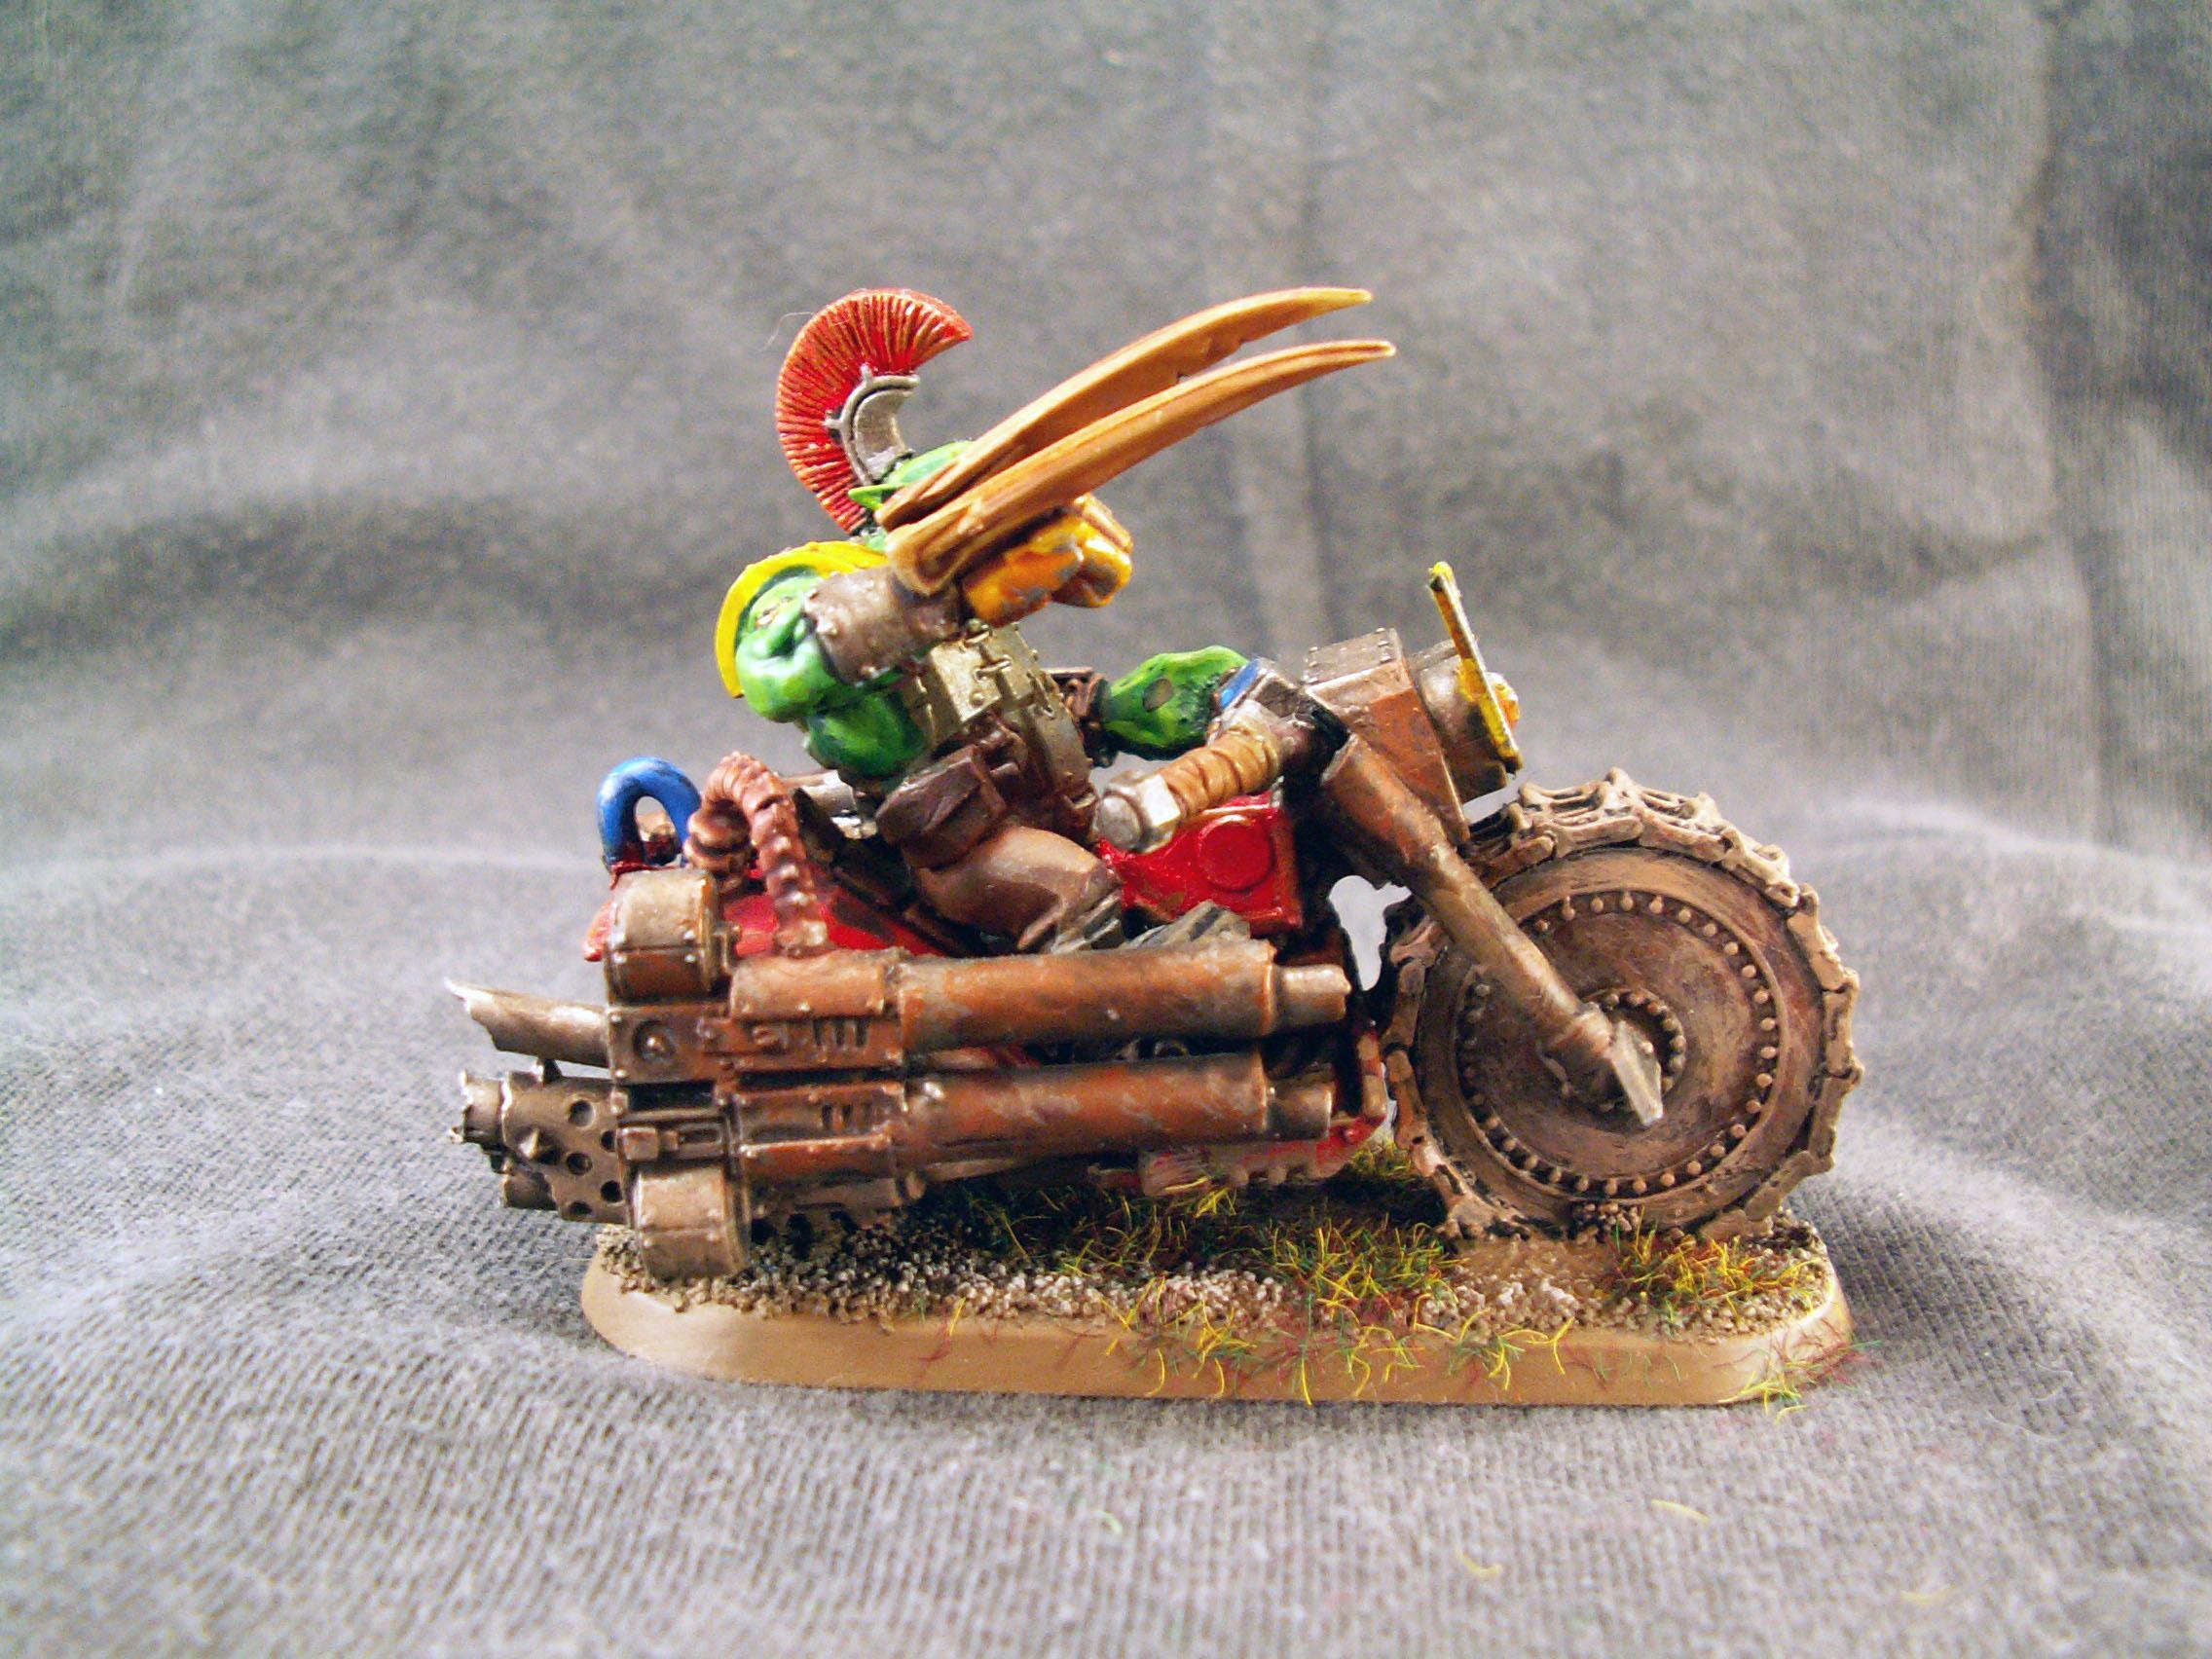 Bike, Nob, Orks, Warhammer 40,000